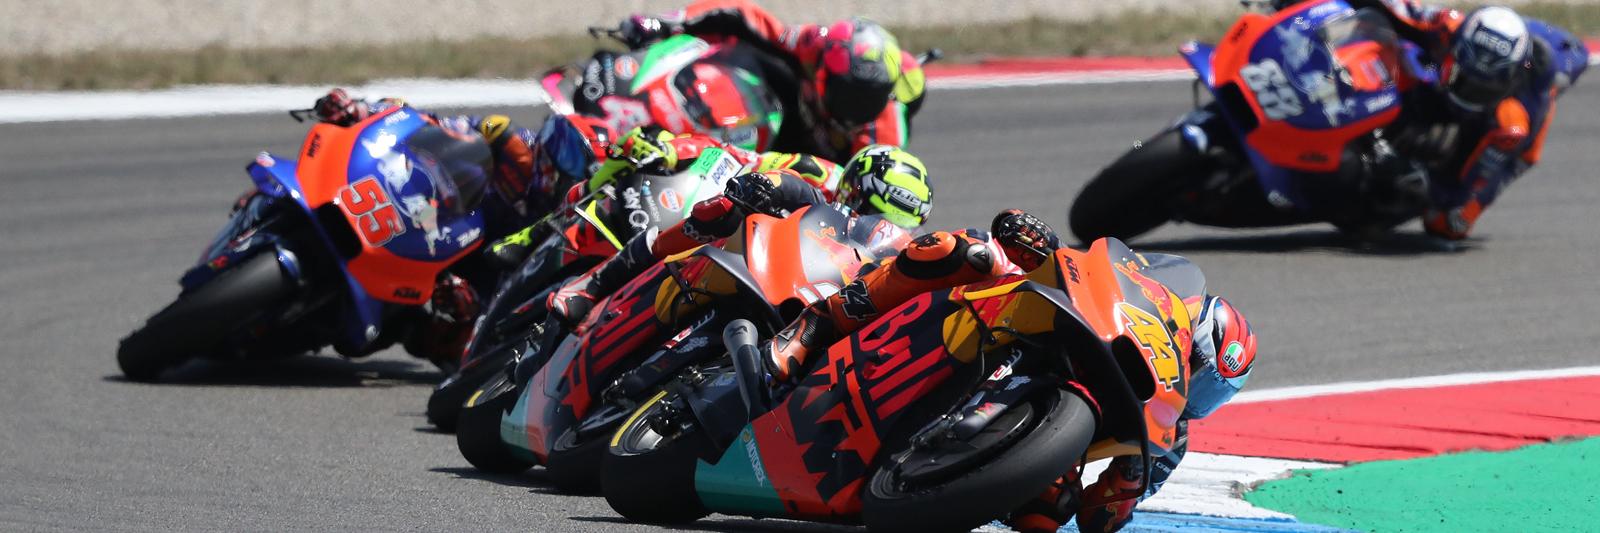 Misano MotoGP with Grand Prix Tours.